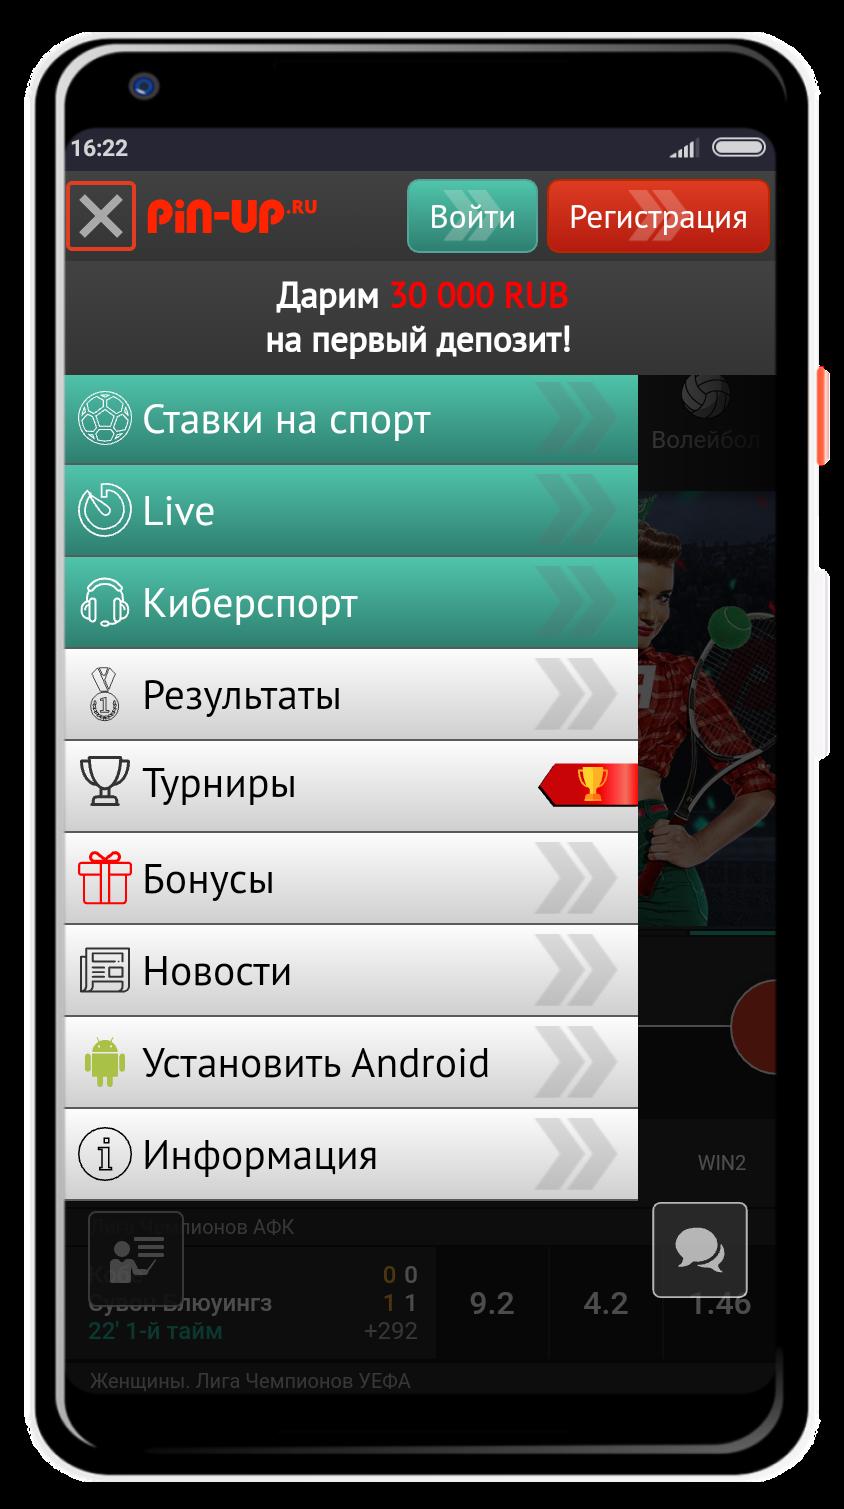 Меню мобильной версии